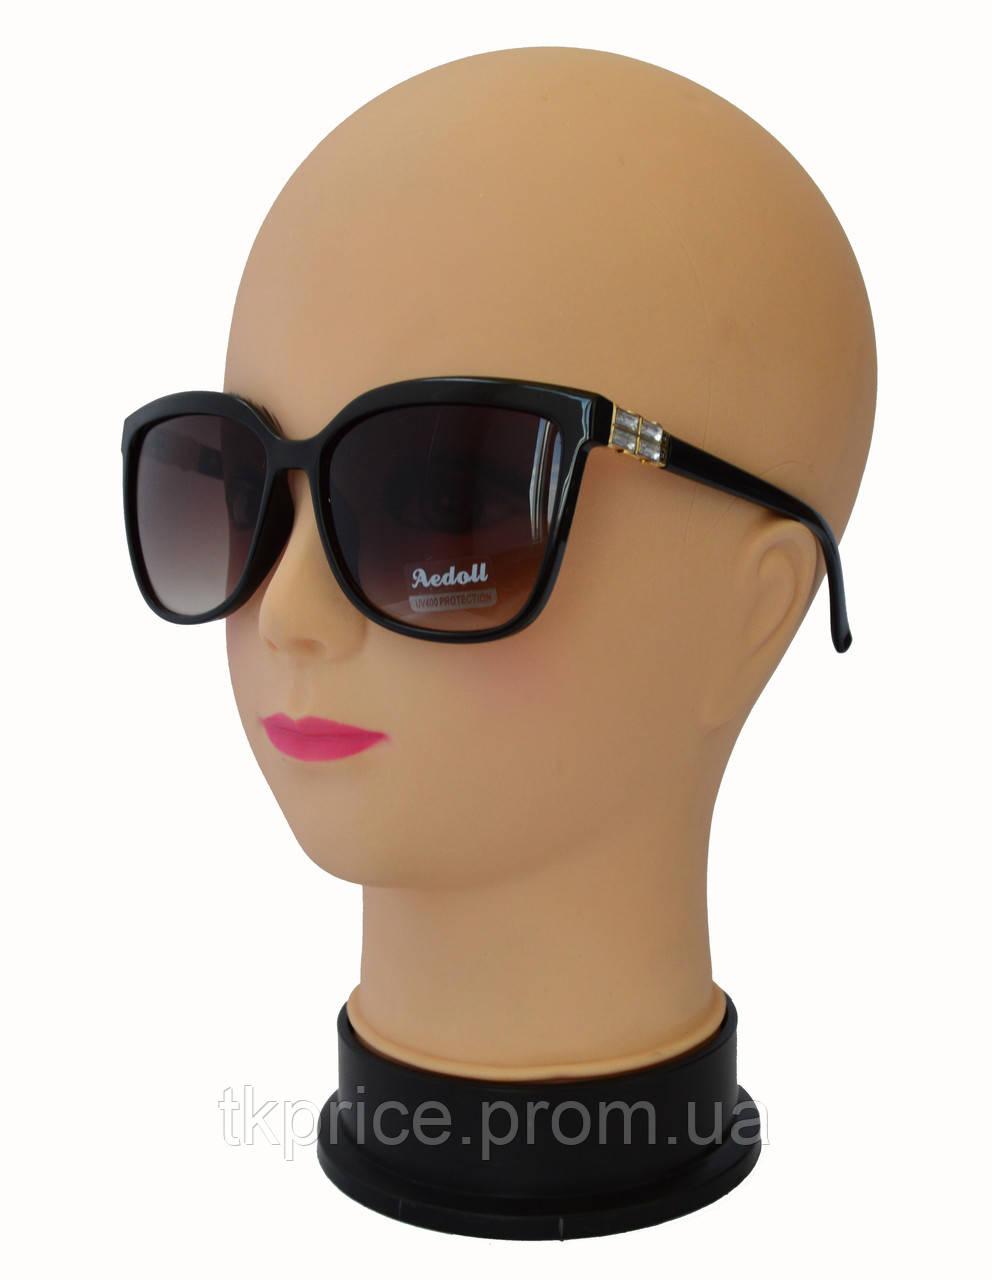 Женские солнцезащитные очки Aedoll 8203